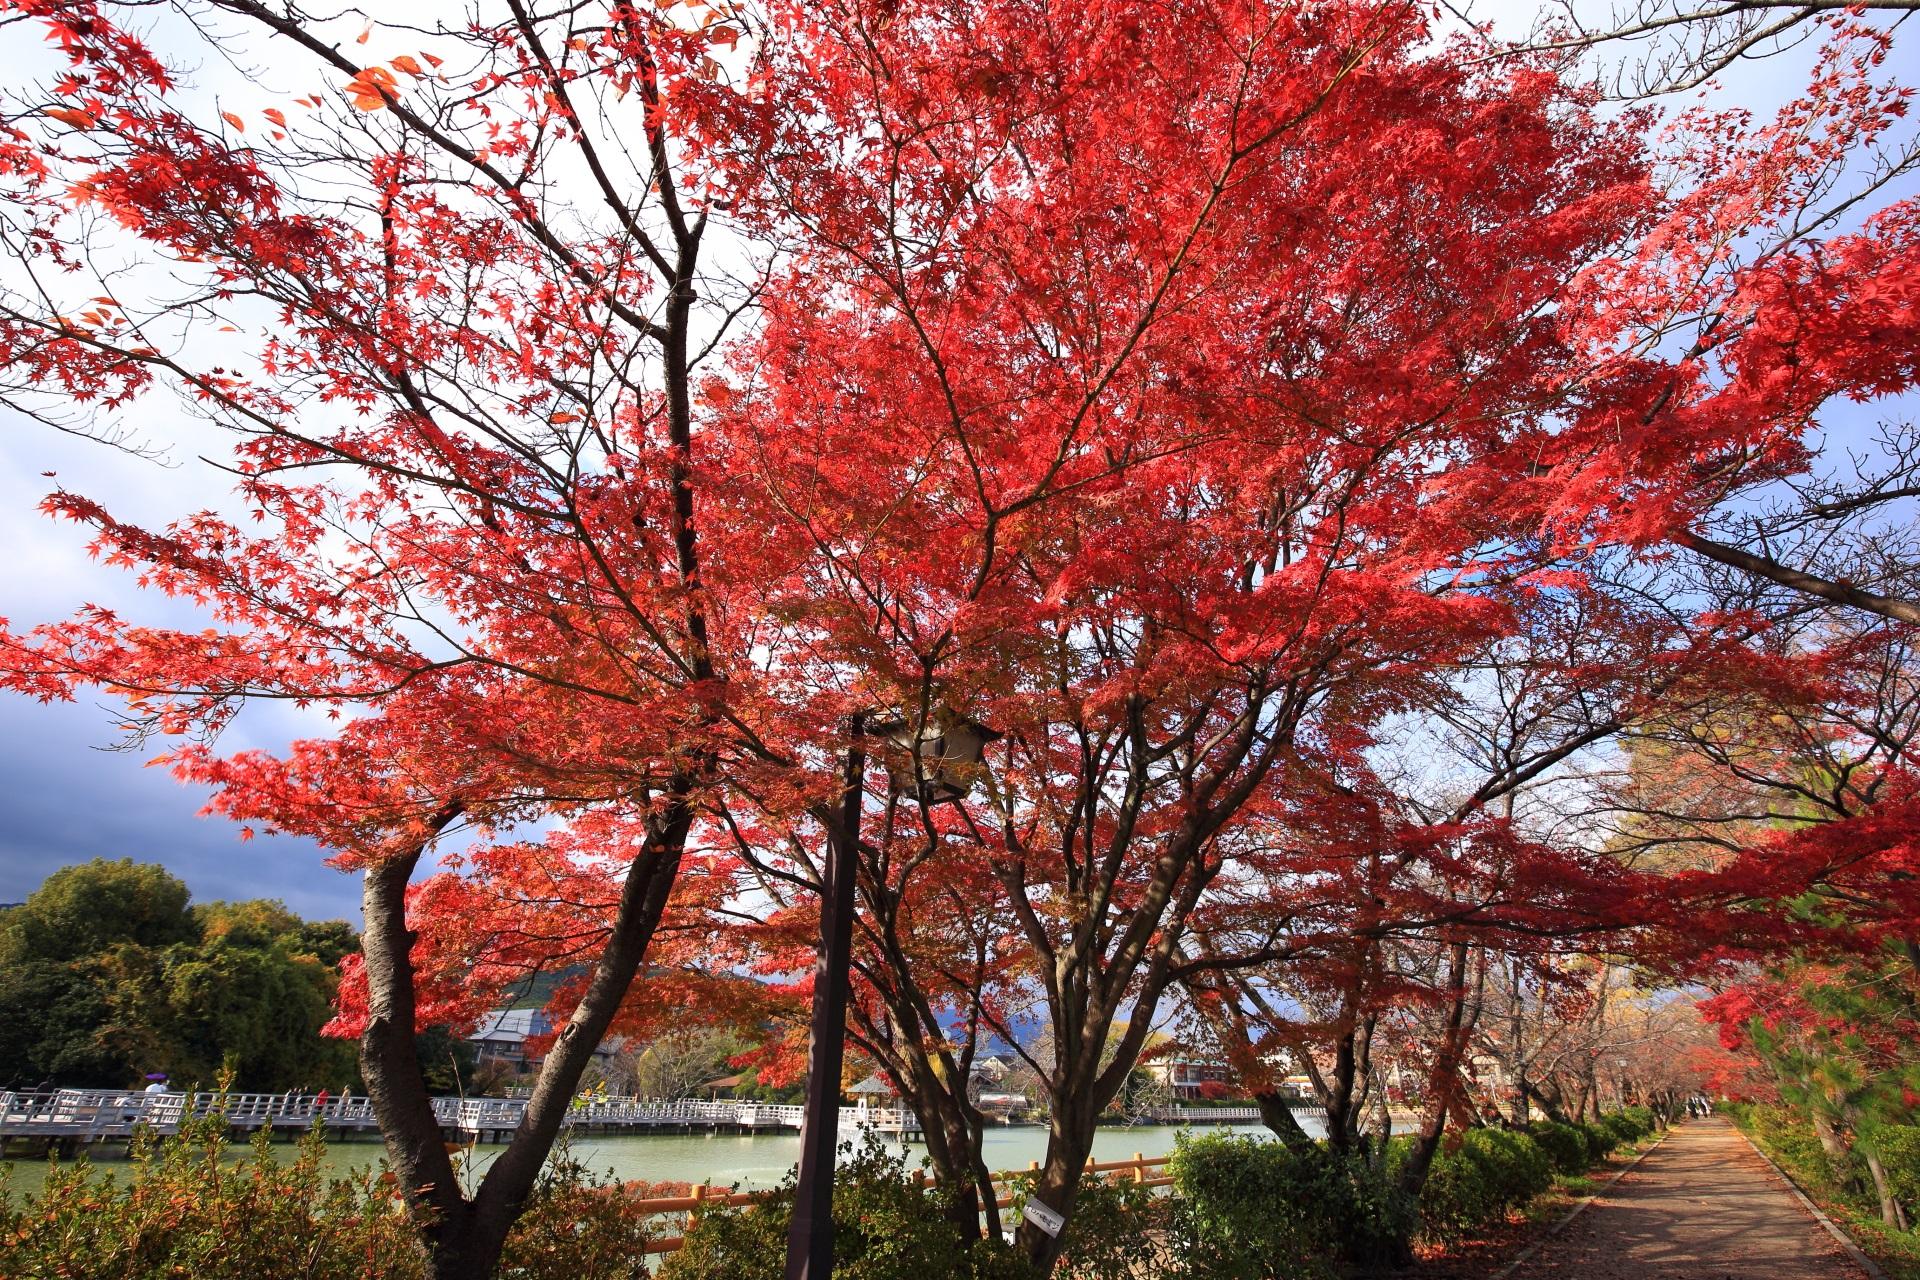 予想以上の鮮やかな色づきの長岡天満宮の紅葉